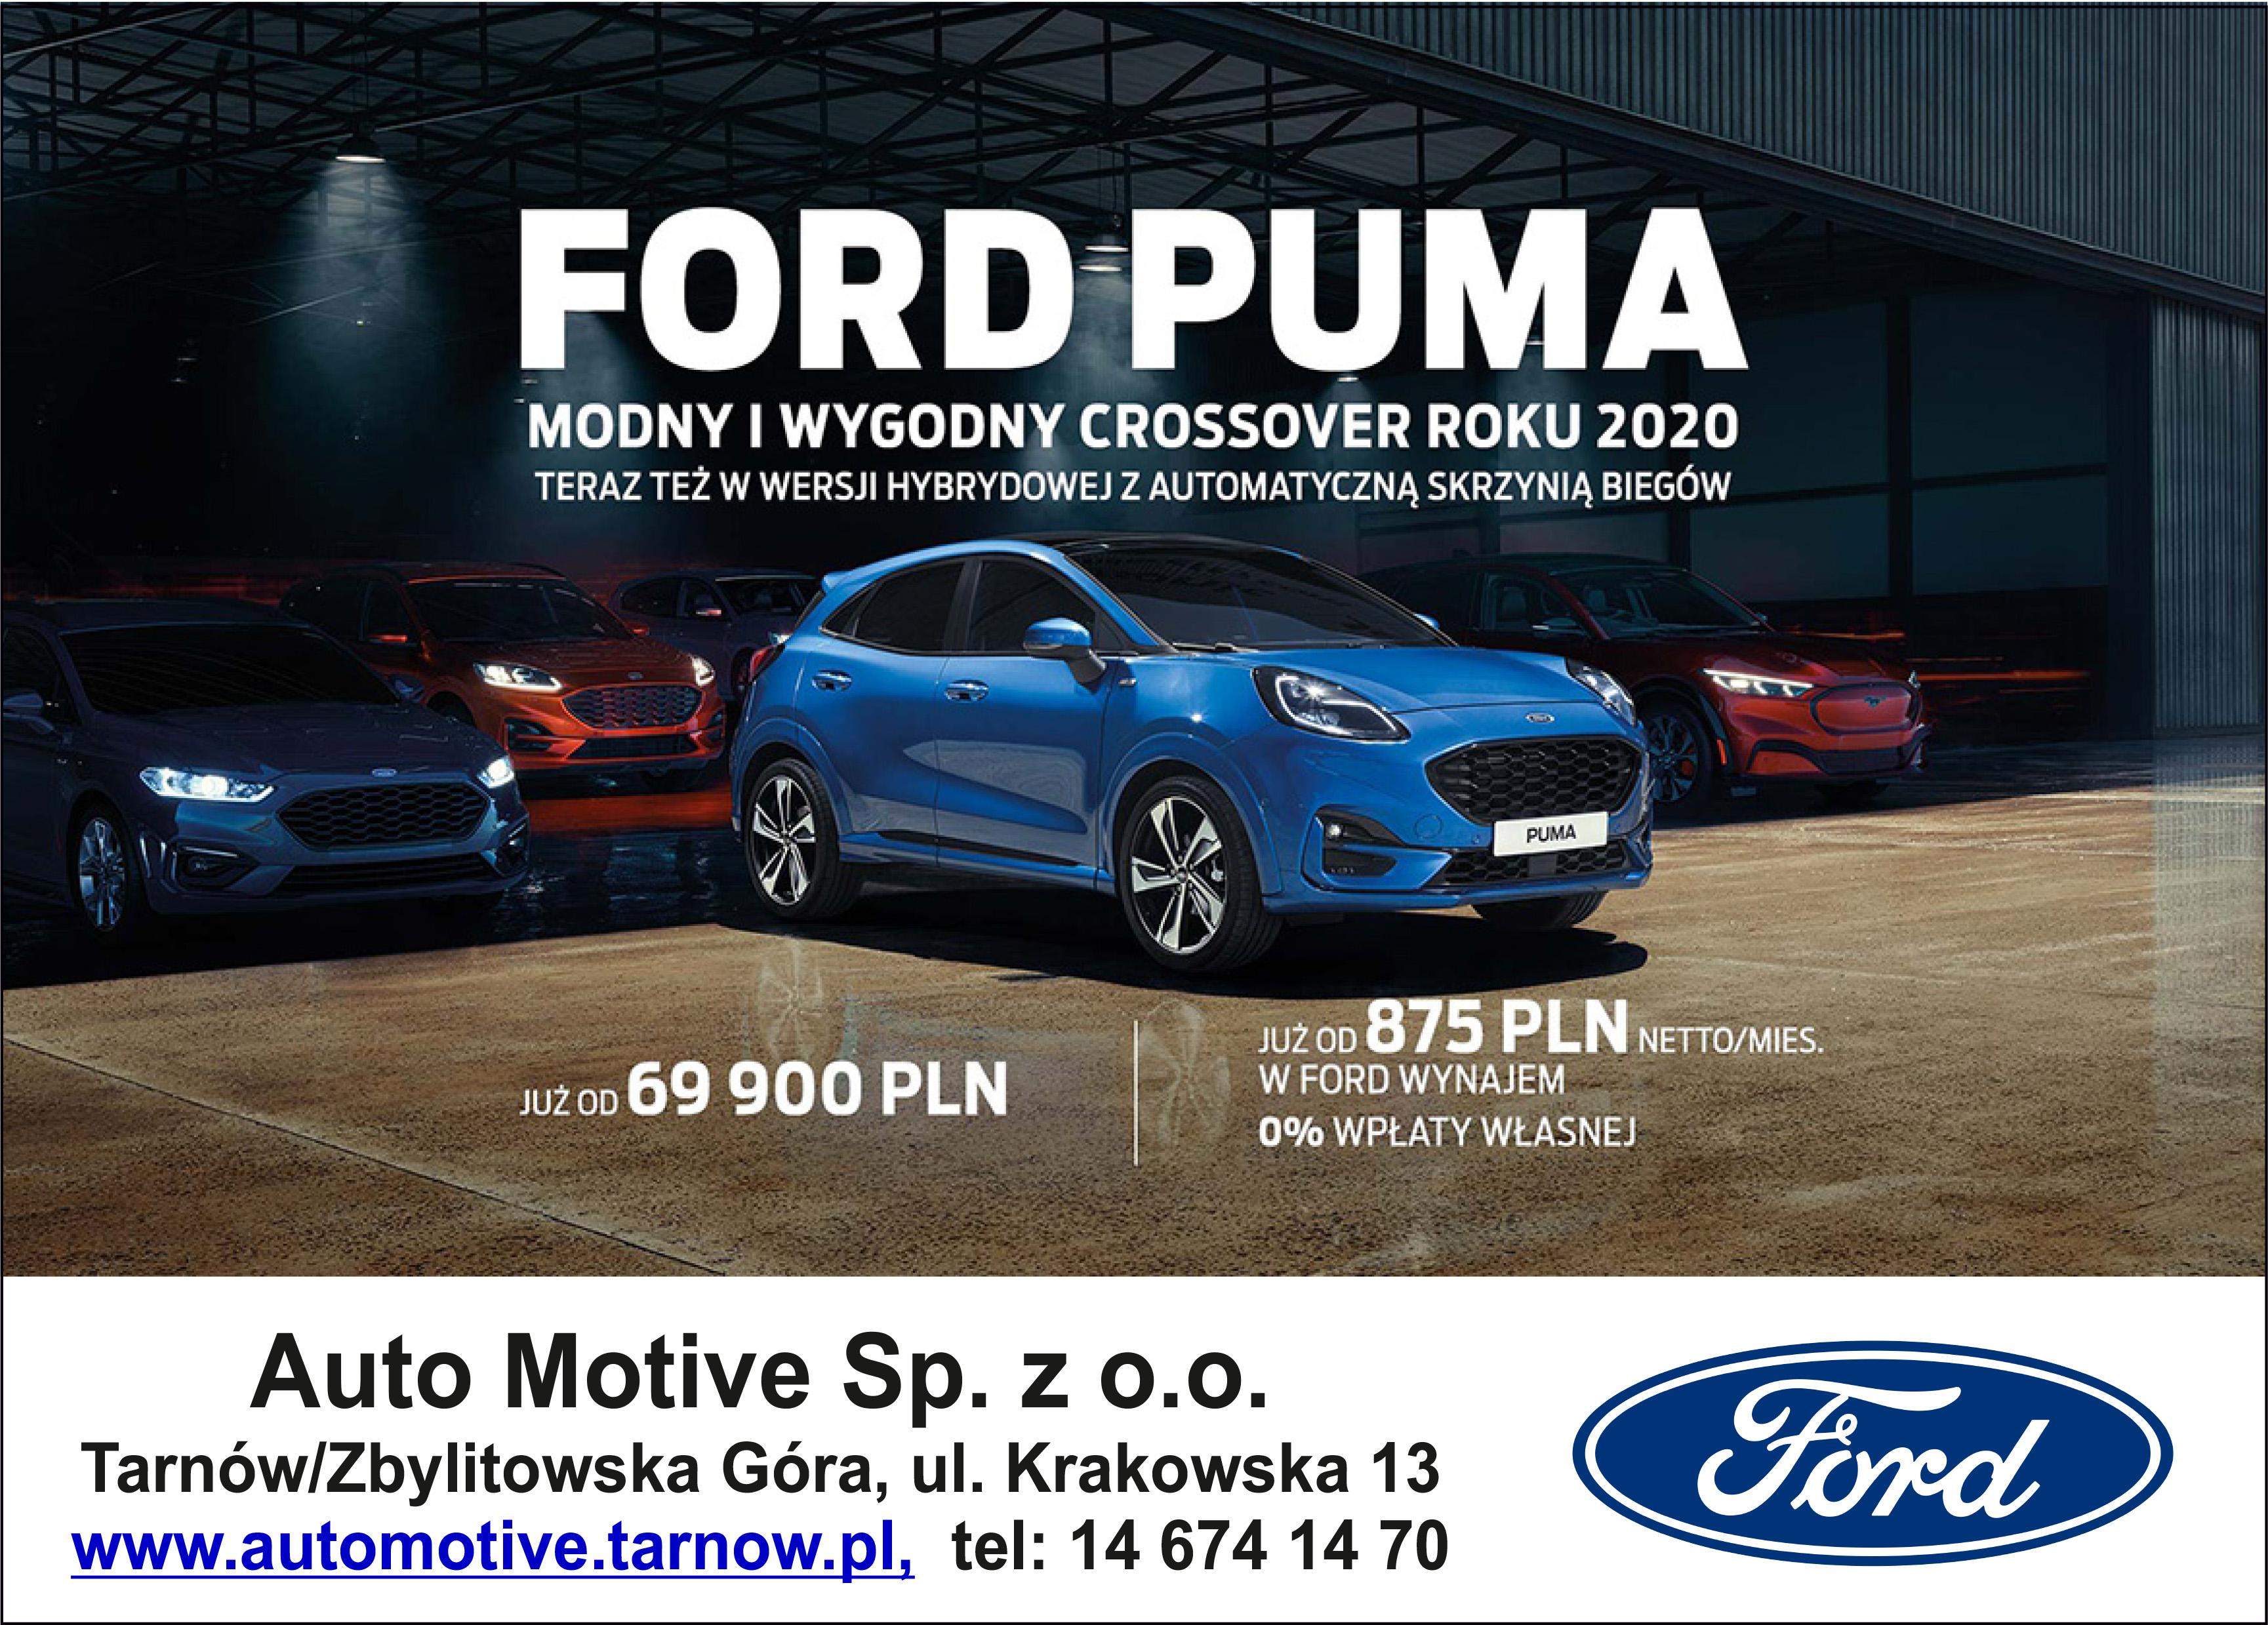 Ford Puma. MODNY I WYGODNY.